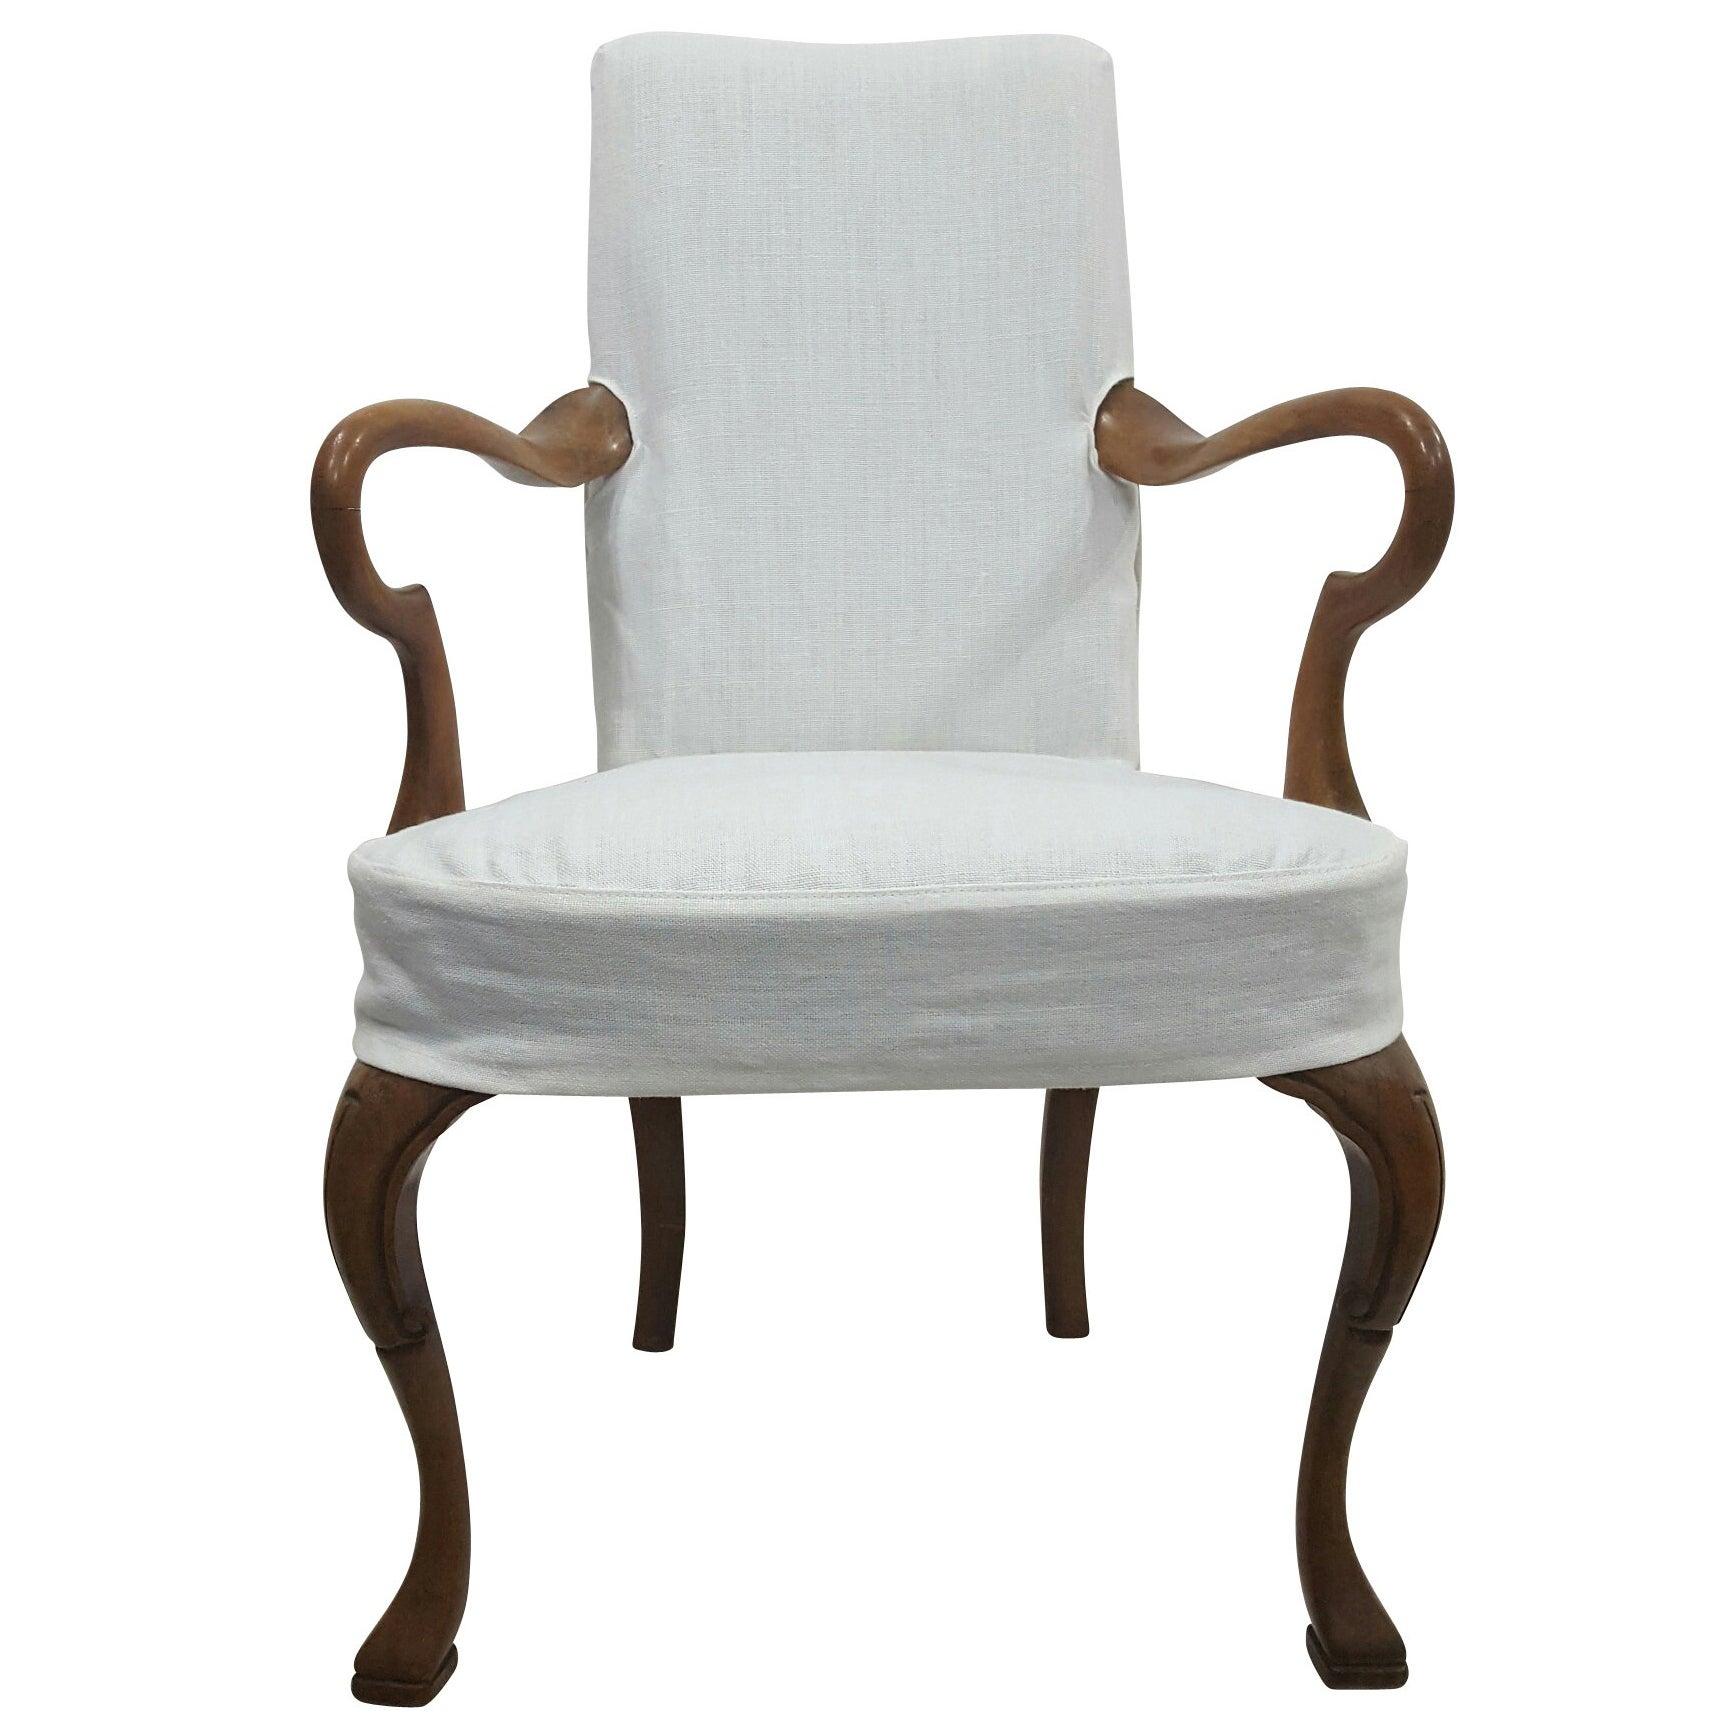 Endearing 18th C Queen Anne Chair Org Org Queen Anne Chairs Ebay Queen Anne Chair Definition houzz-02 Queen Anne Chair